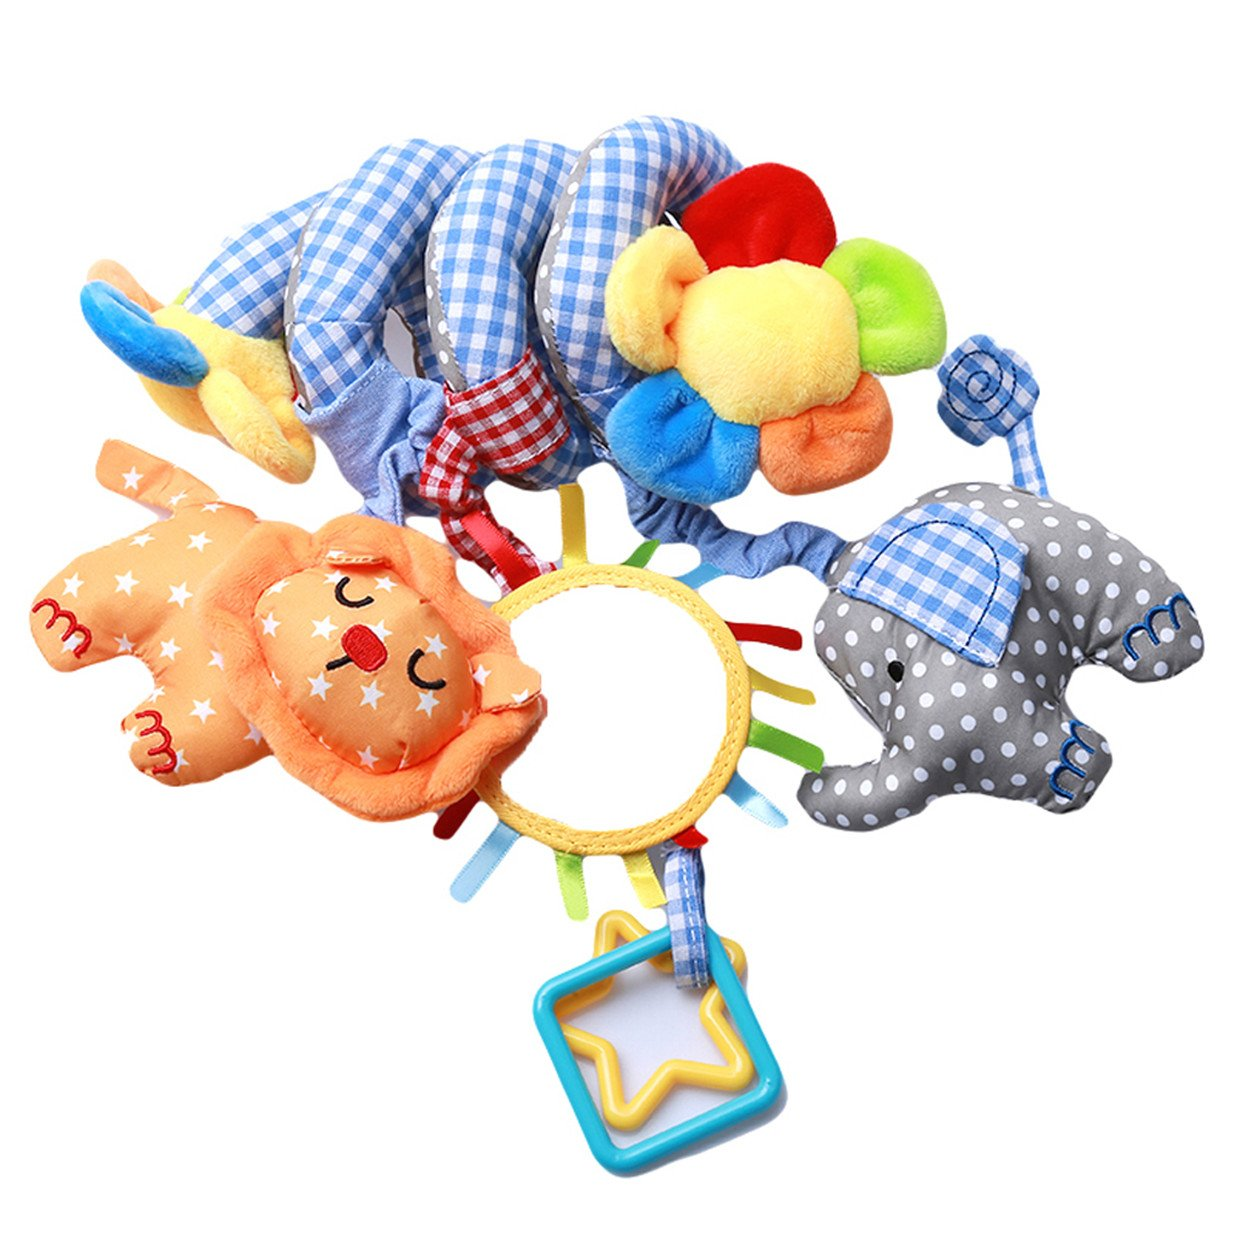 EJY Baby Plü schtiere, Kleinkindspielzeug,Beschwichtigen Schlaf Spielzeug,Kinderwagen, der Spielzeugauto-Drehmaschine hä ngenden Baby Rasseln,Blau Elefant 88_Store